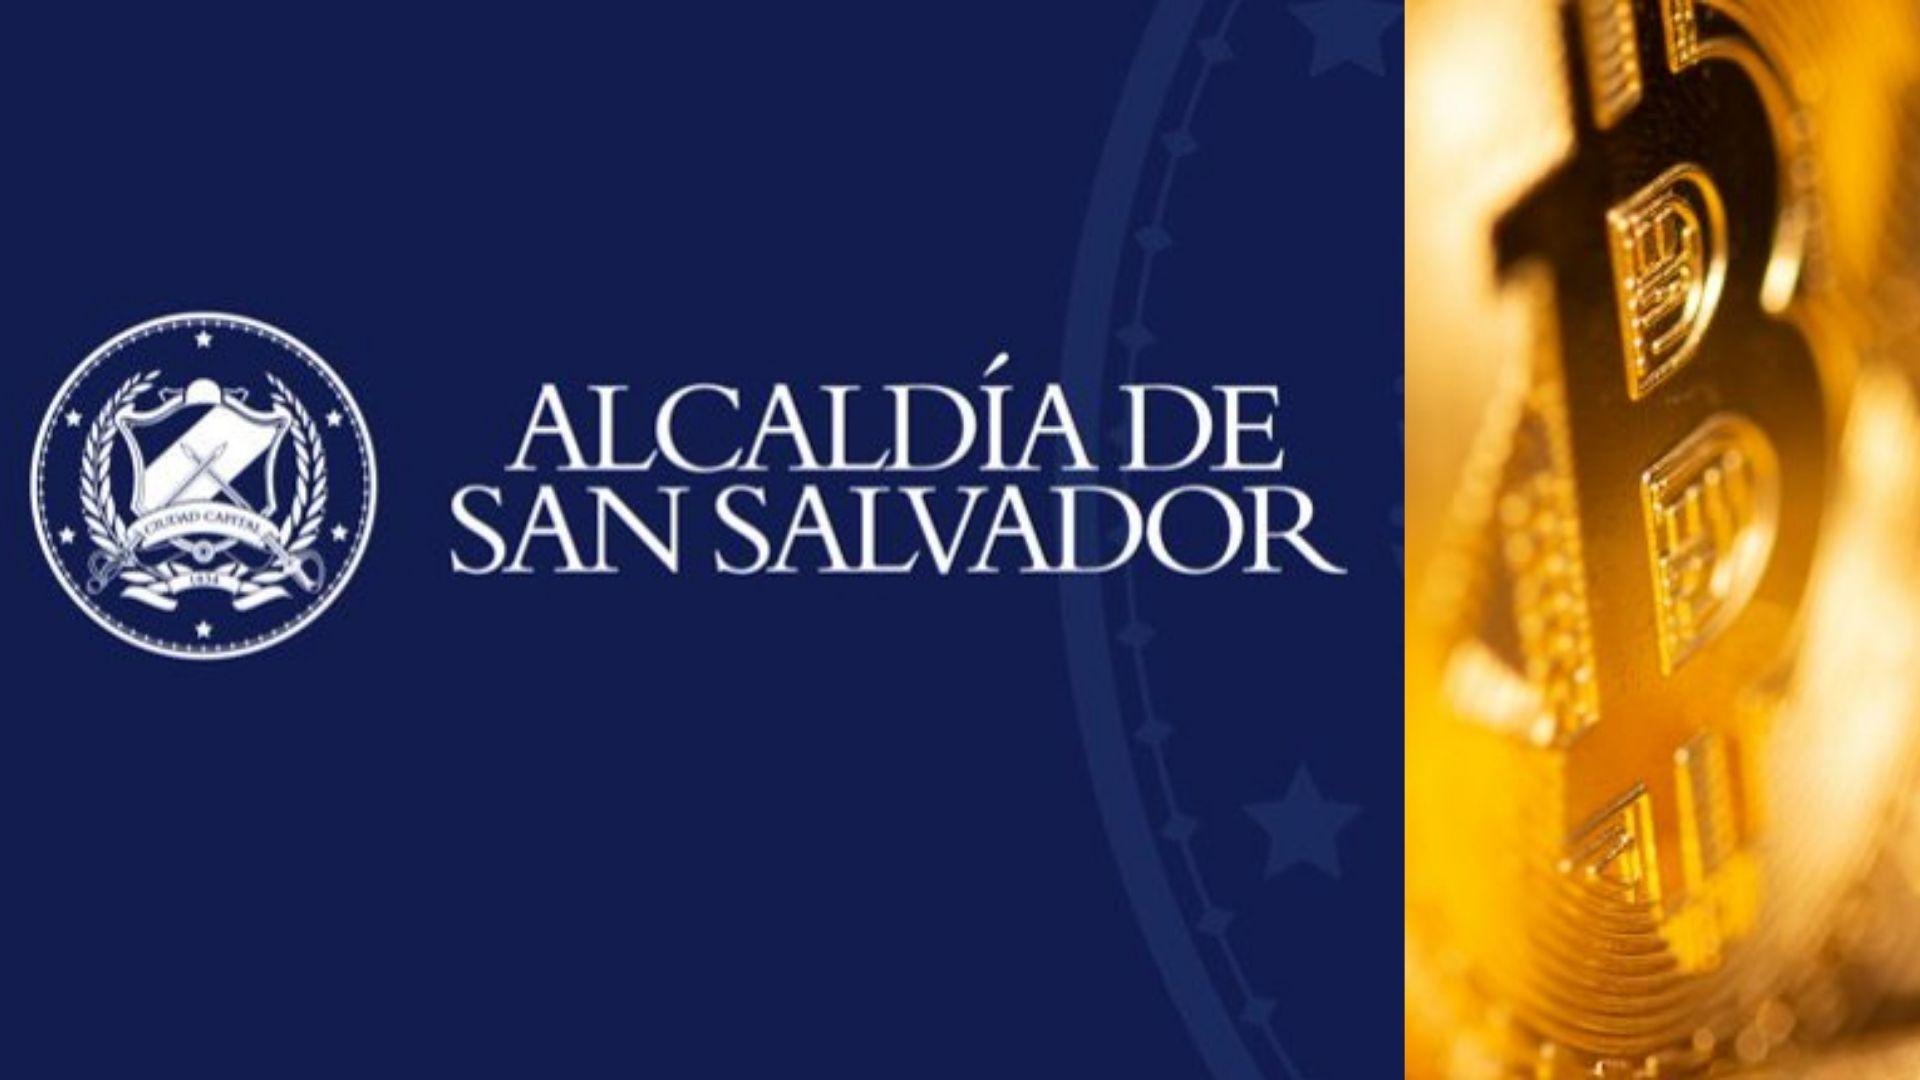 Alcaldía de San Salvador anuncia que también podrán pagar servicios con Bitcoin